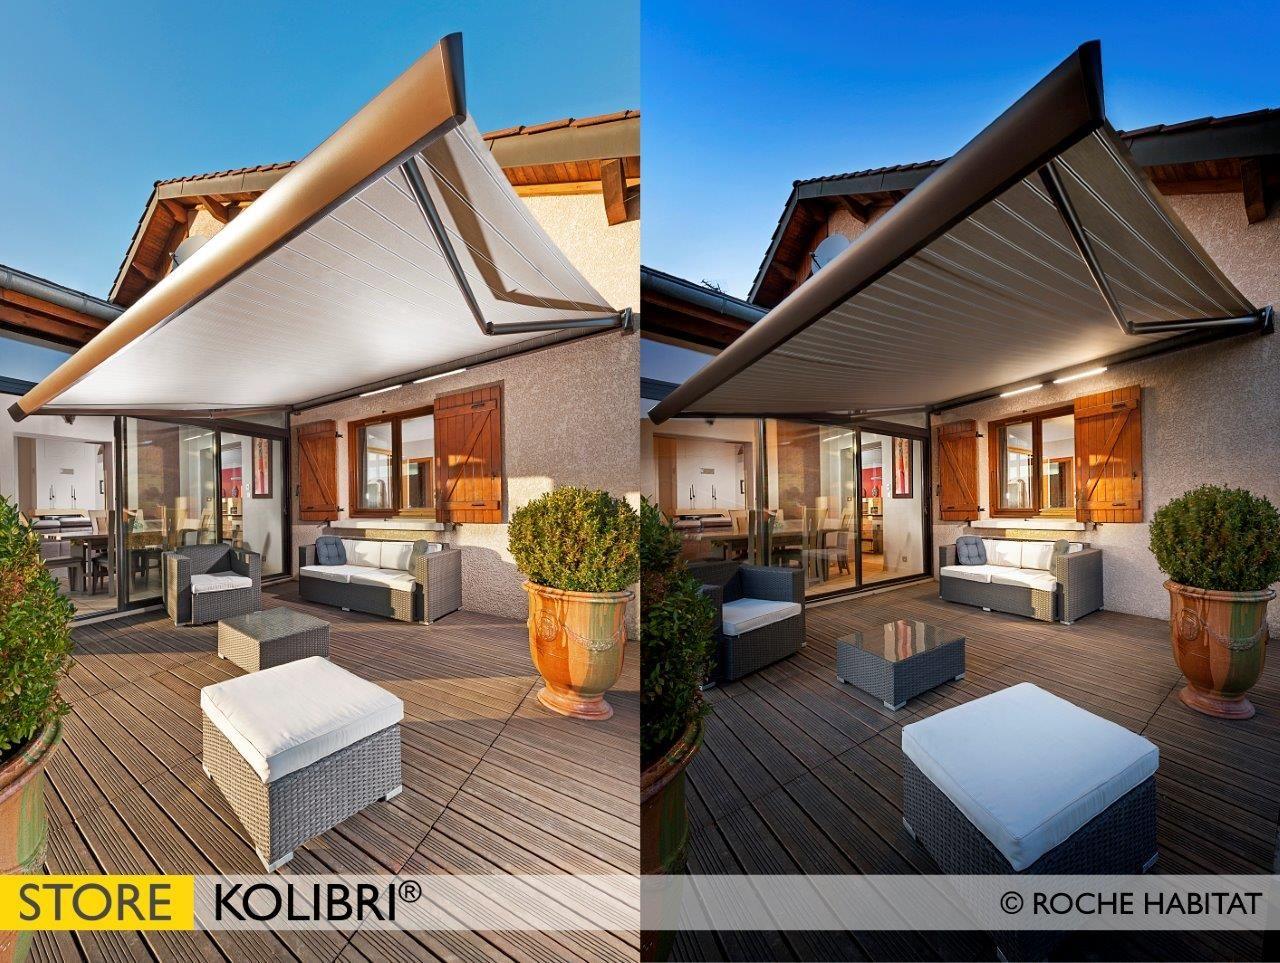 store coffre kolibri avec option clairage led profitez de votre terrasse de jour comme de. Black Bedroom Furniture Sets. Home Design Ideas